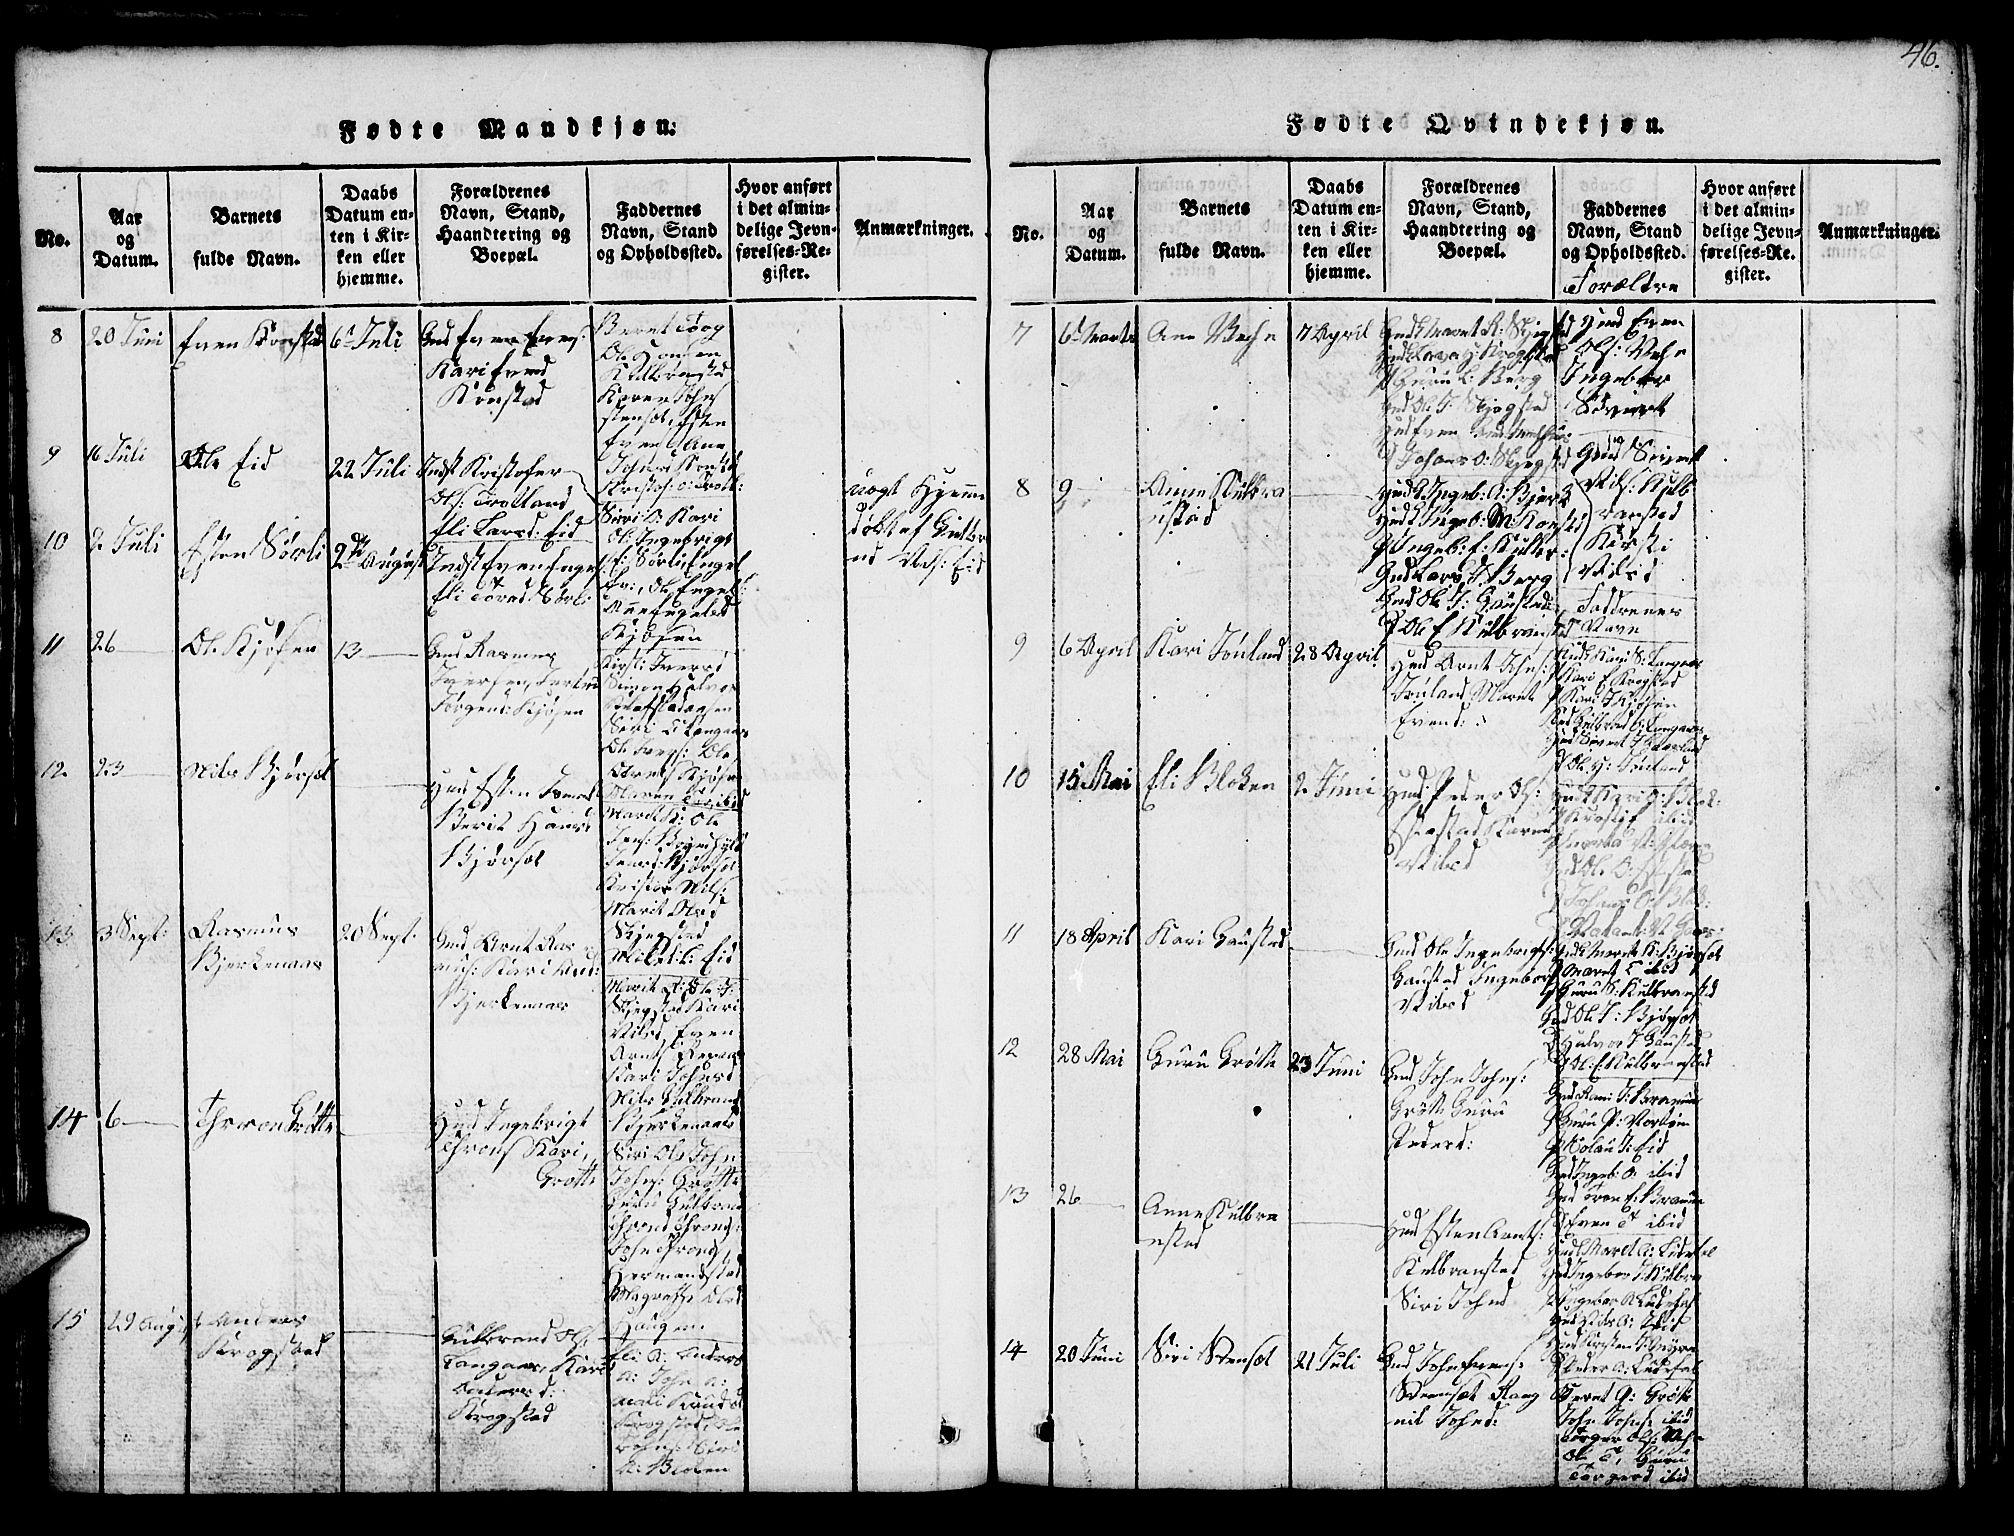 SAT, Ministerialprotokoller, klokkerbøker og fødselsregistre - Sør-Trøndelag, 694/L1130: Klokkerbok nr. 694C02, 1816-1857, s. 46